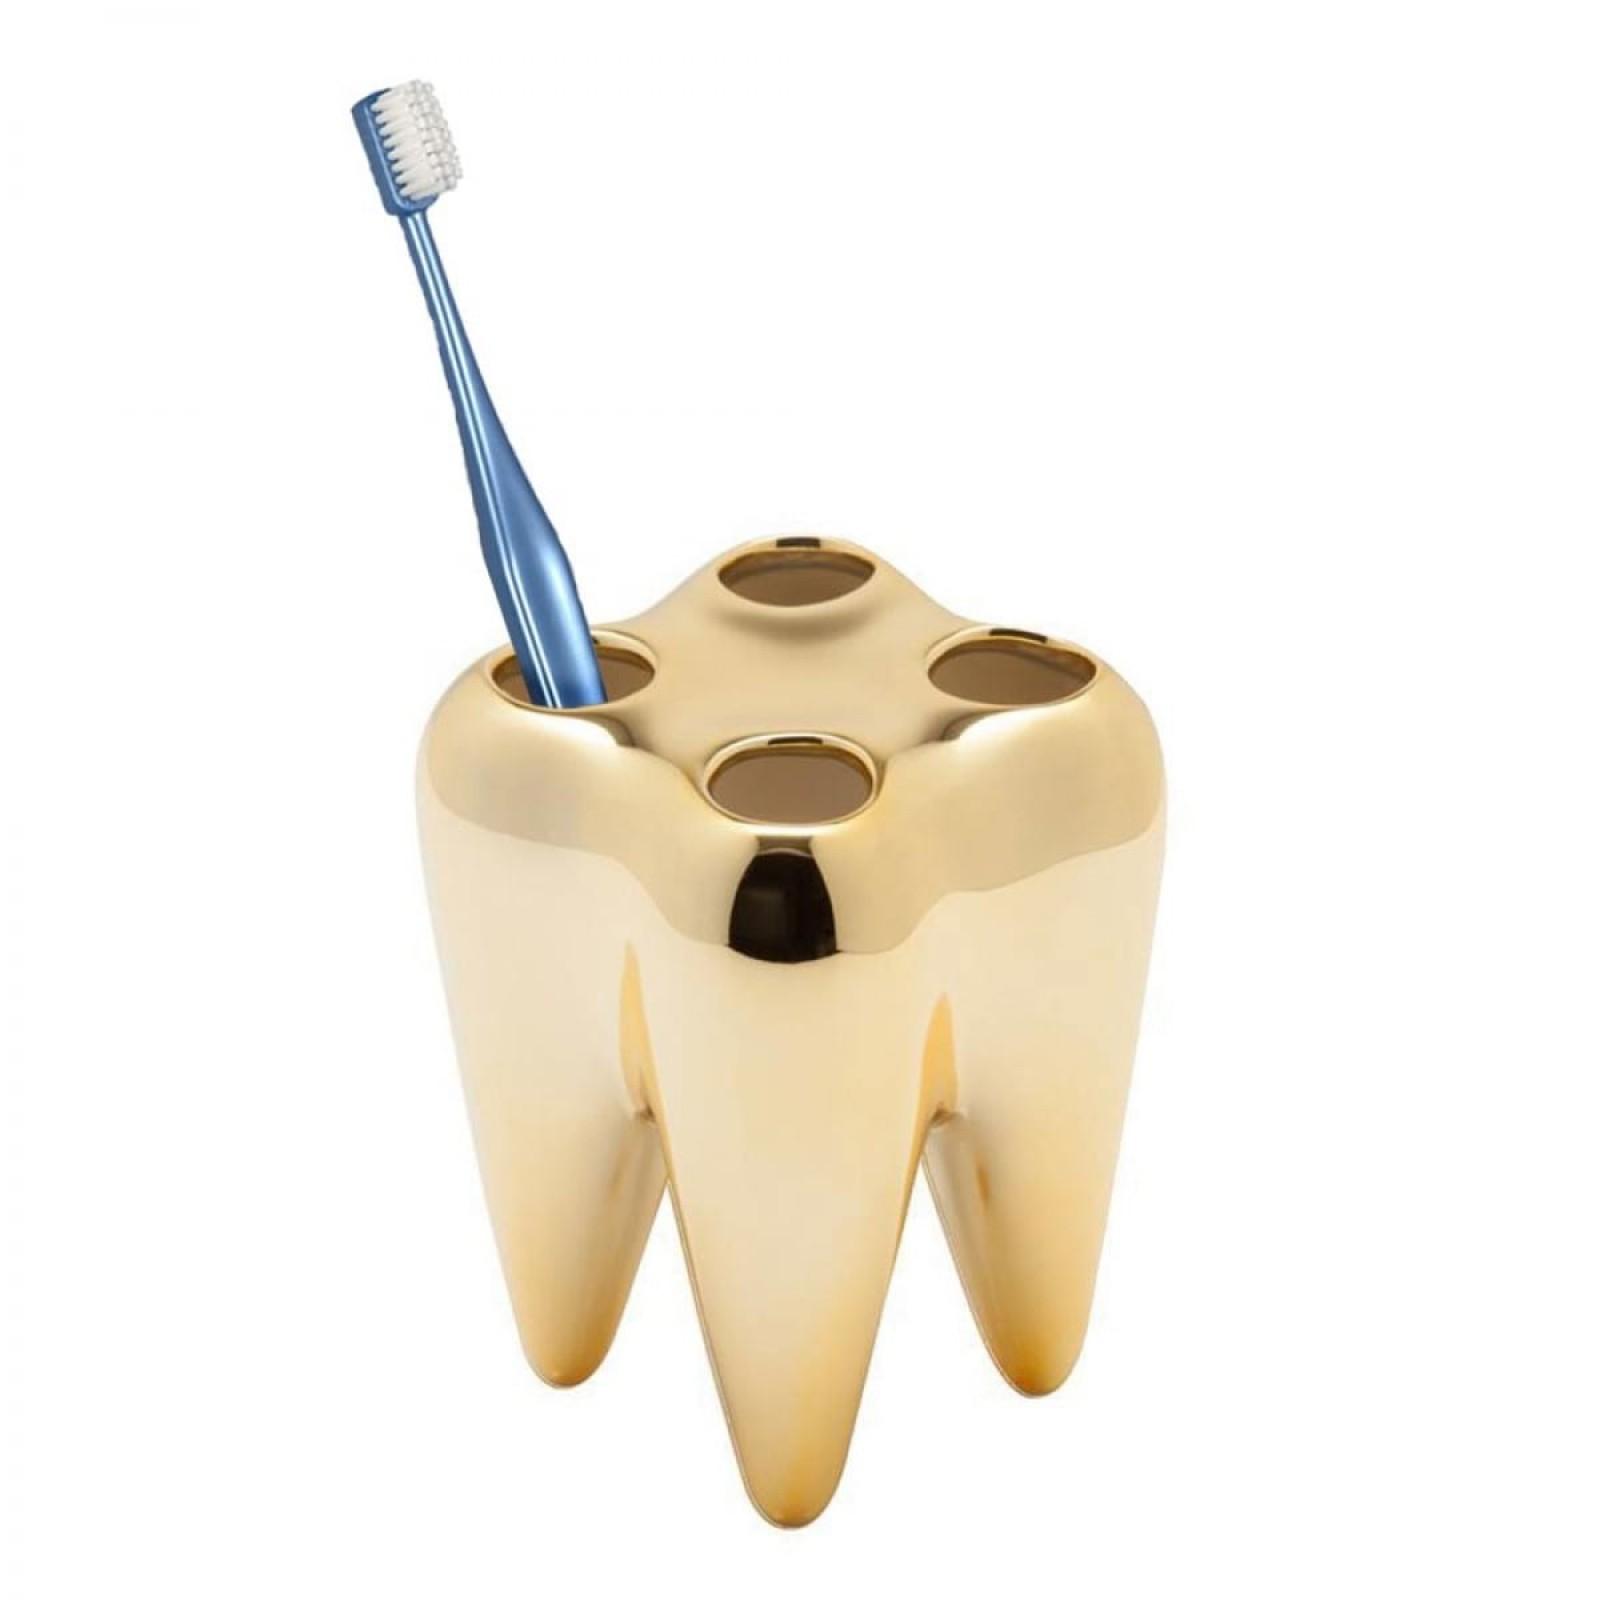 Θήκη / Βάση για Οδοντόβουρτσες GOLD TOOTH